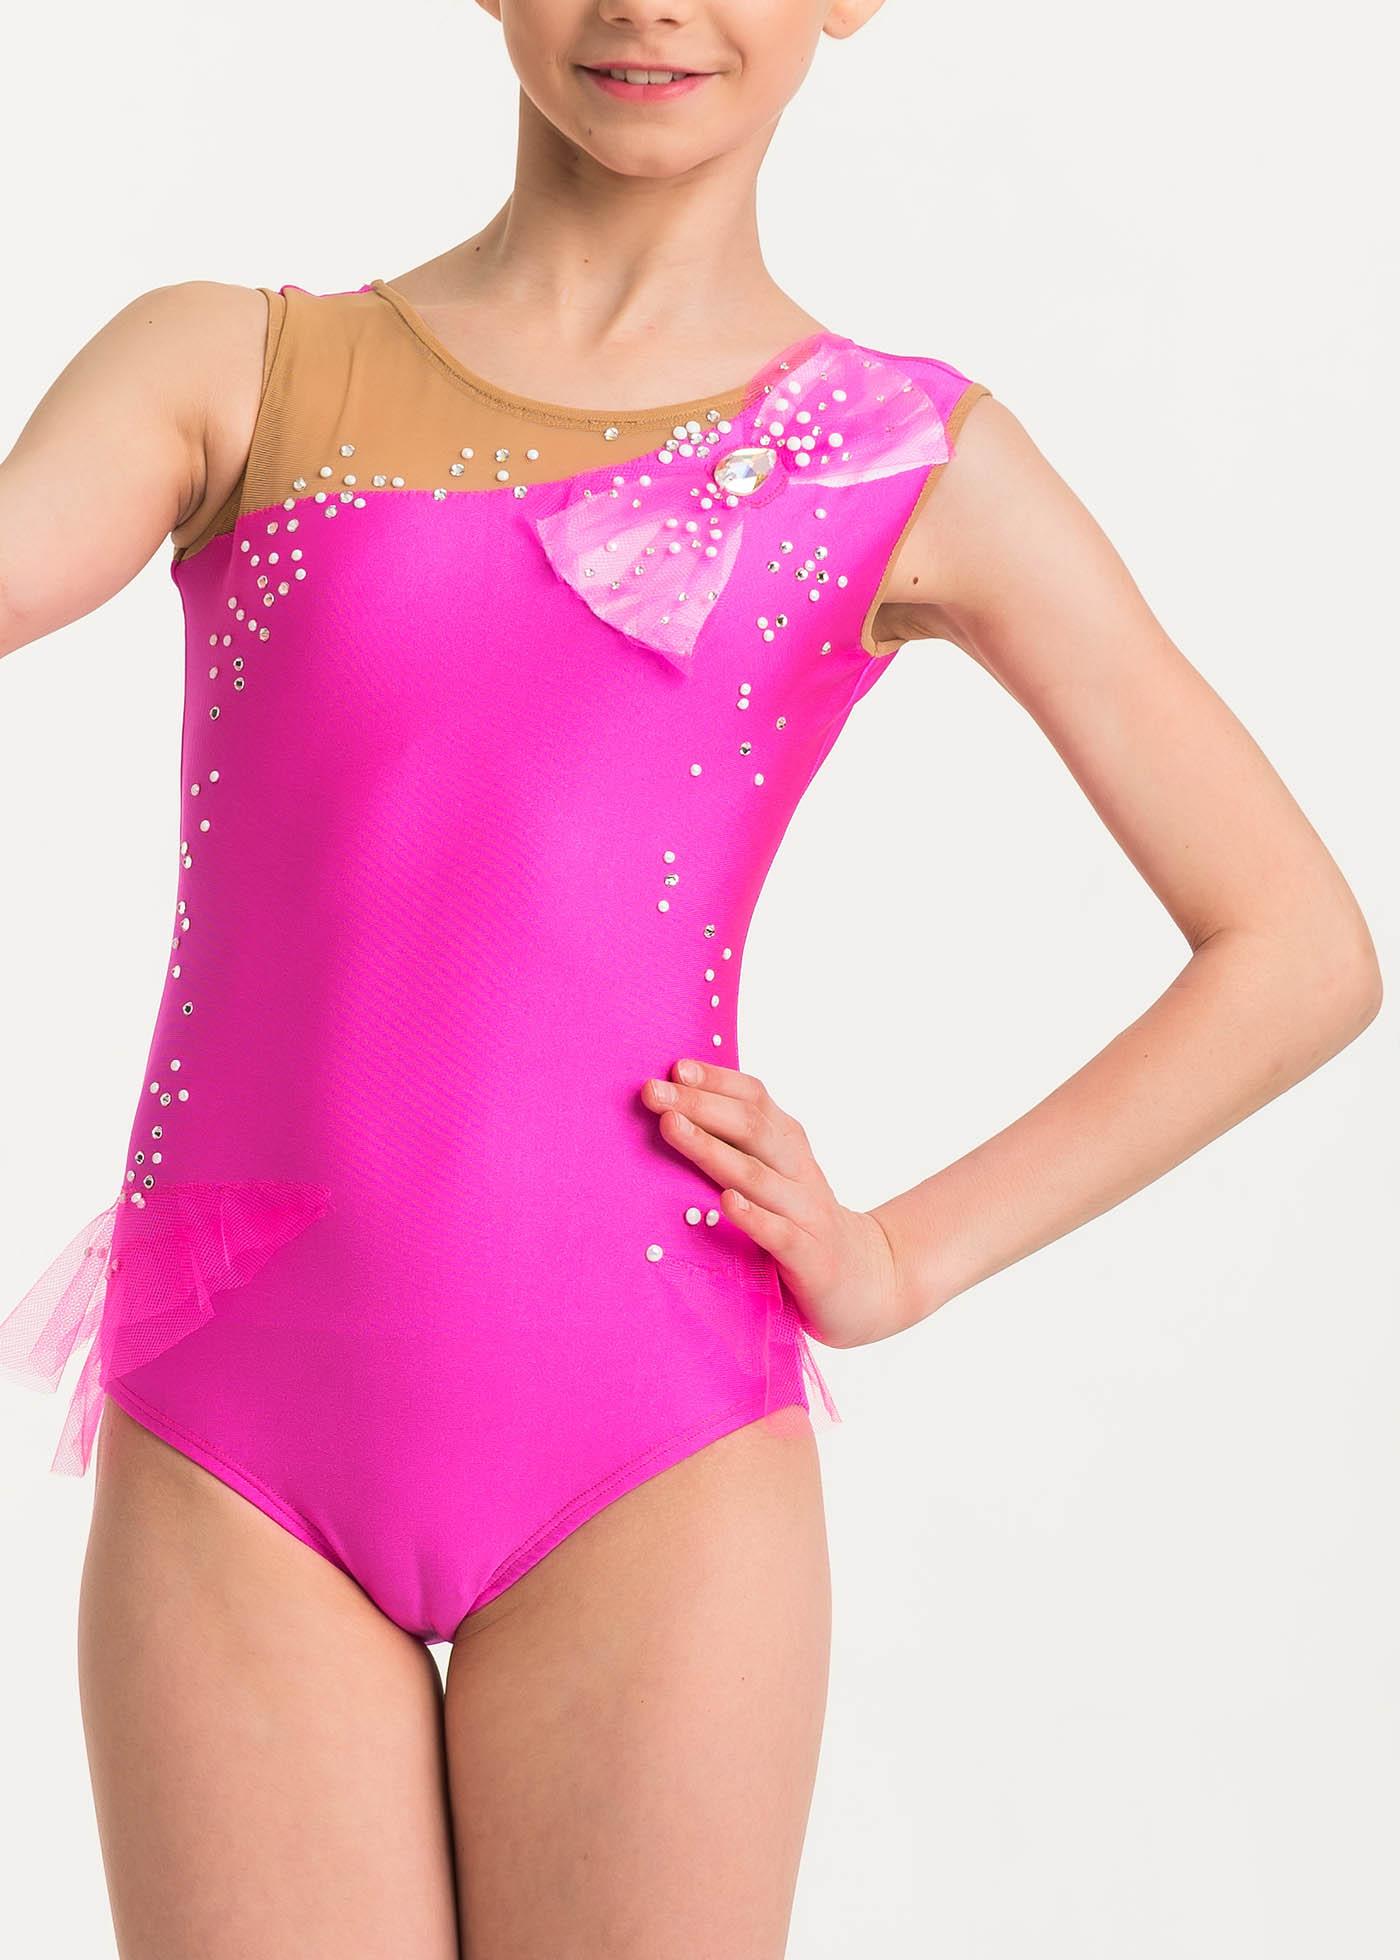 Elegans — Competition Leotards for Rhythmic gymnastics — Buy in Gymnastics  Fantastic Shop — Magyarország